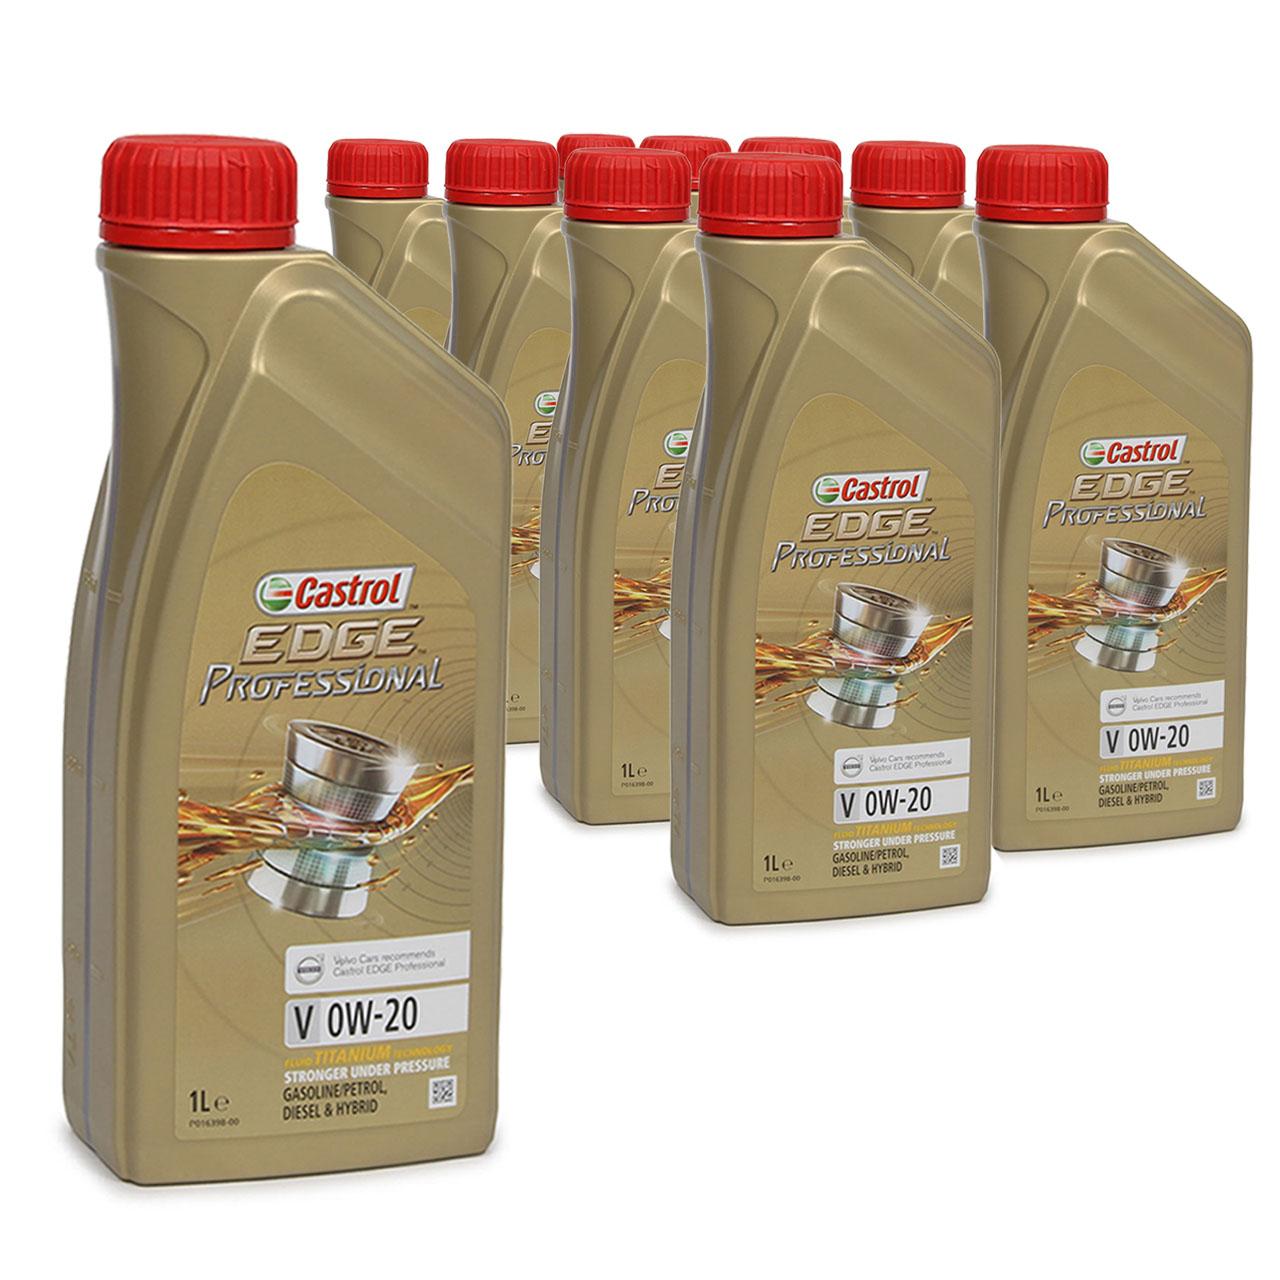 CASTROL EDGE Professional Motoröl ÖL TITANIUM FST V 0W20 C5 für VOLVO - 10 Liter